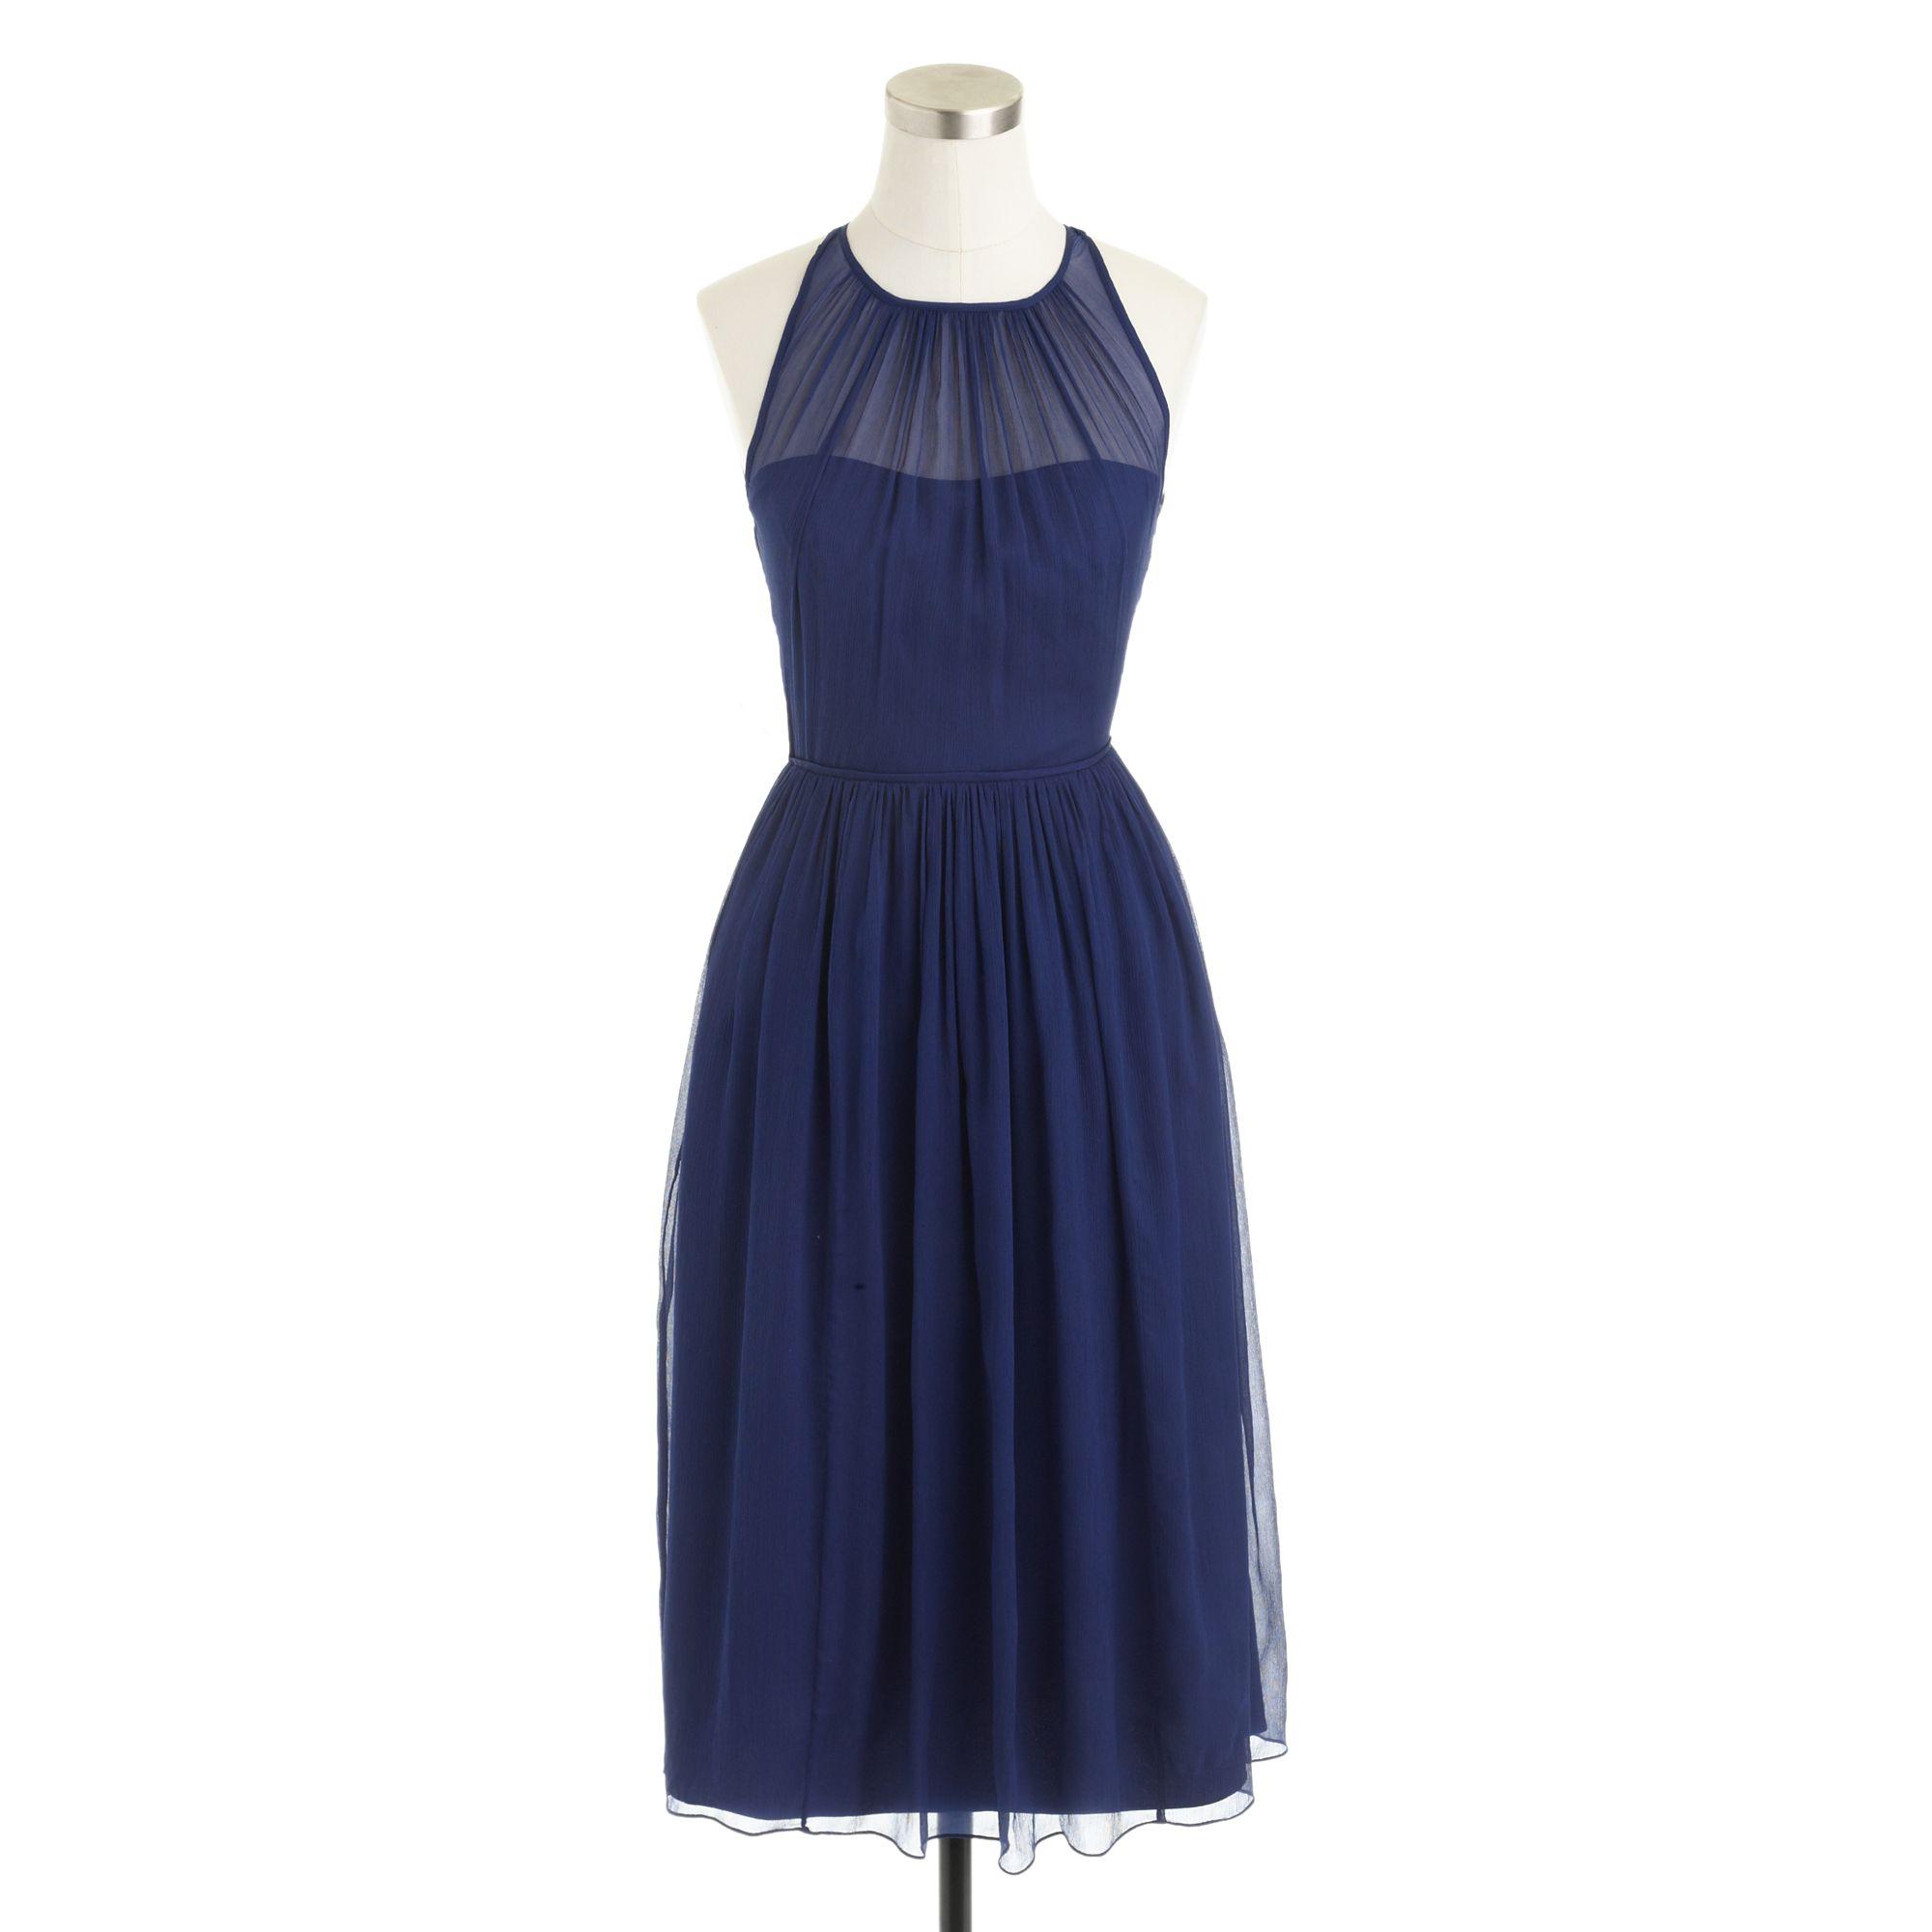 Megan Wedding Dress: J.crew Megan Dress In Silk Chiffon In Blue (dark Cove)